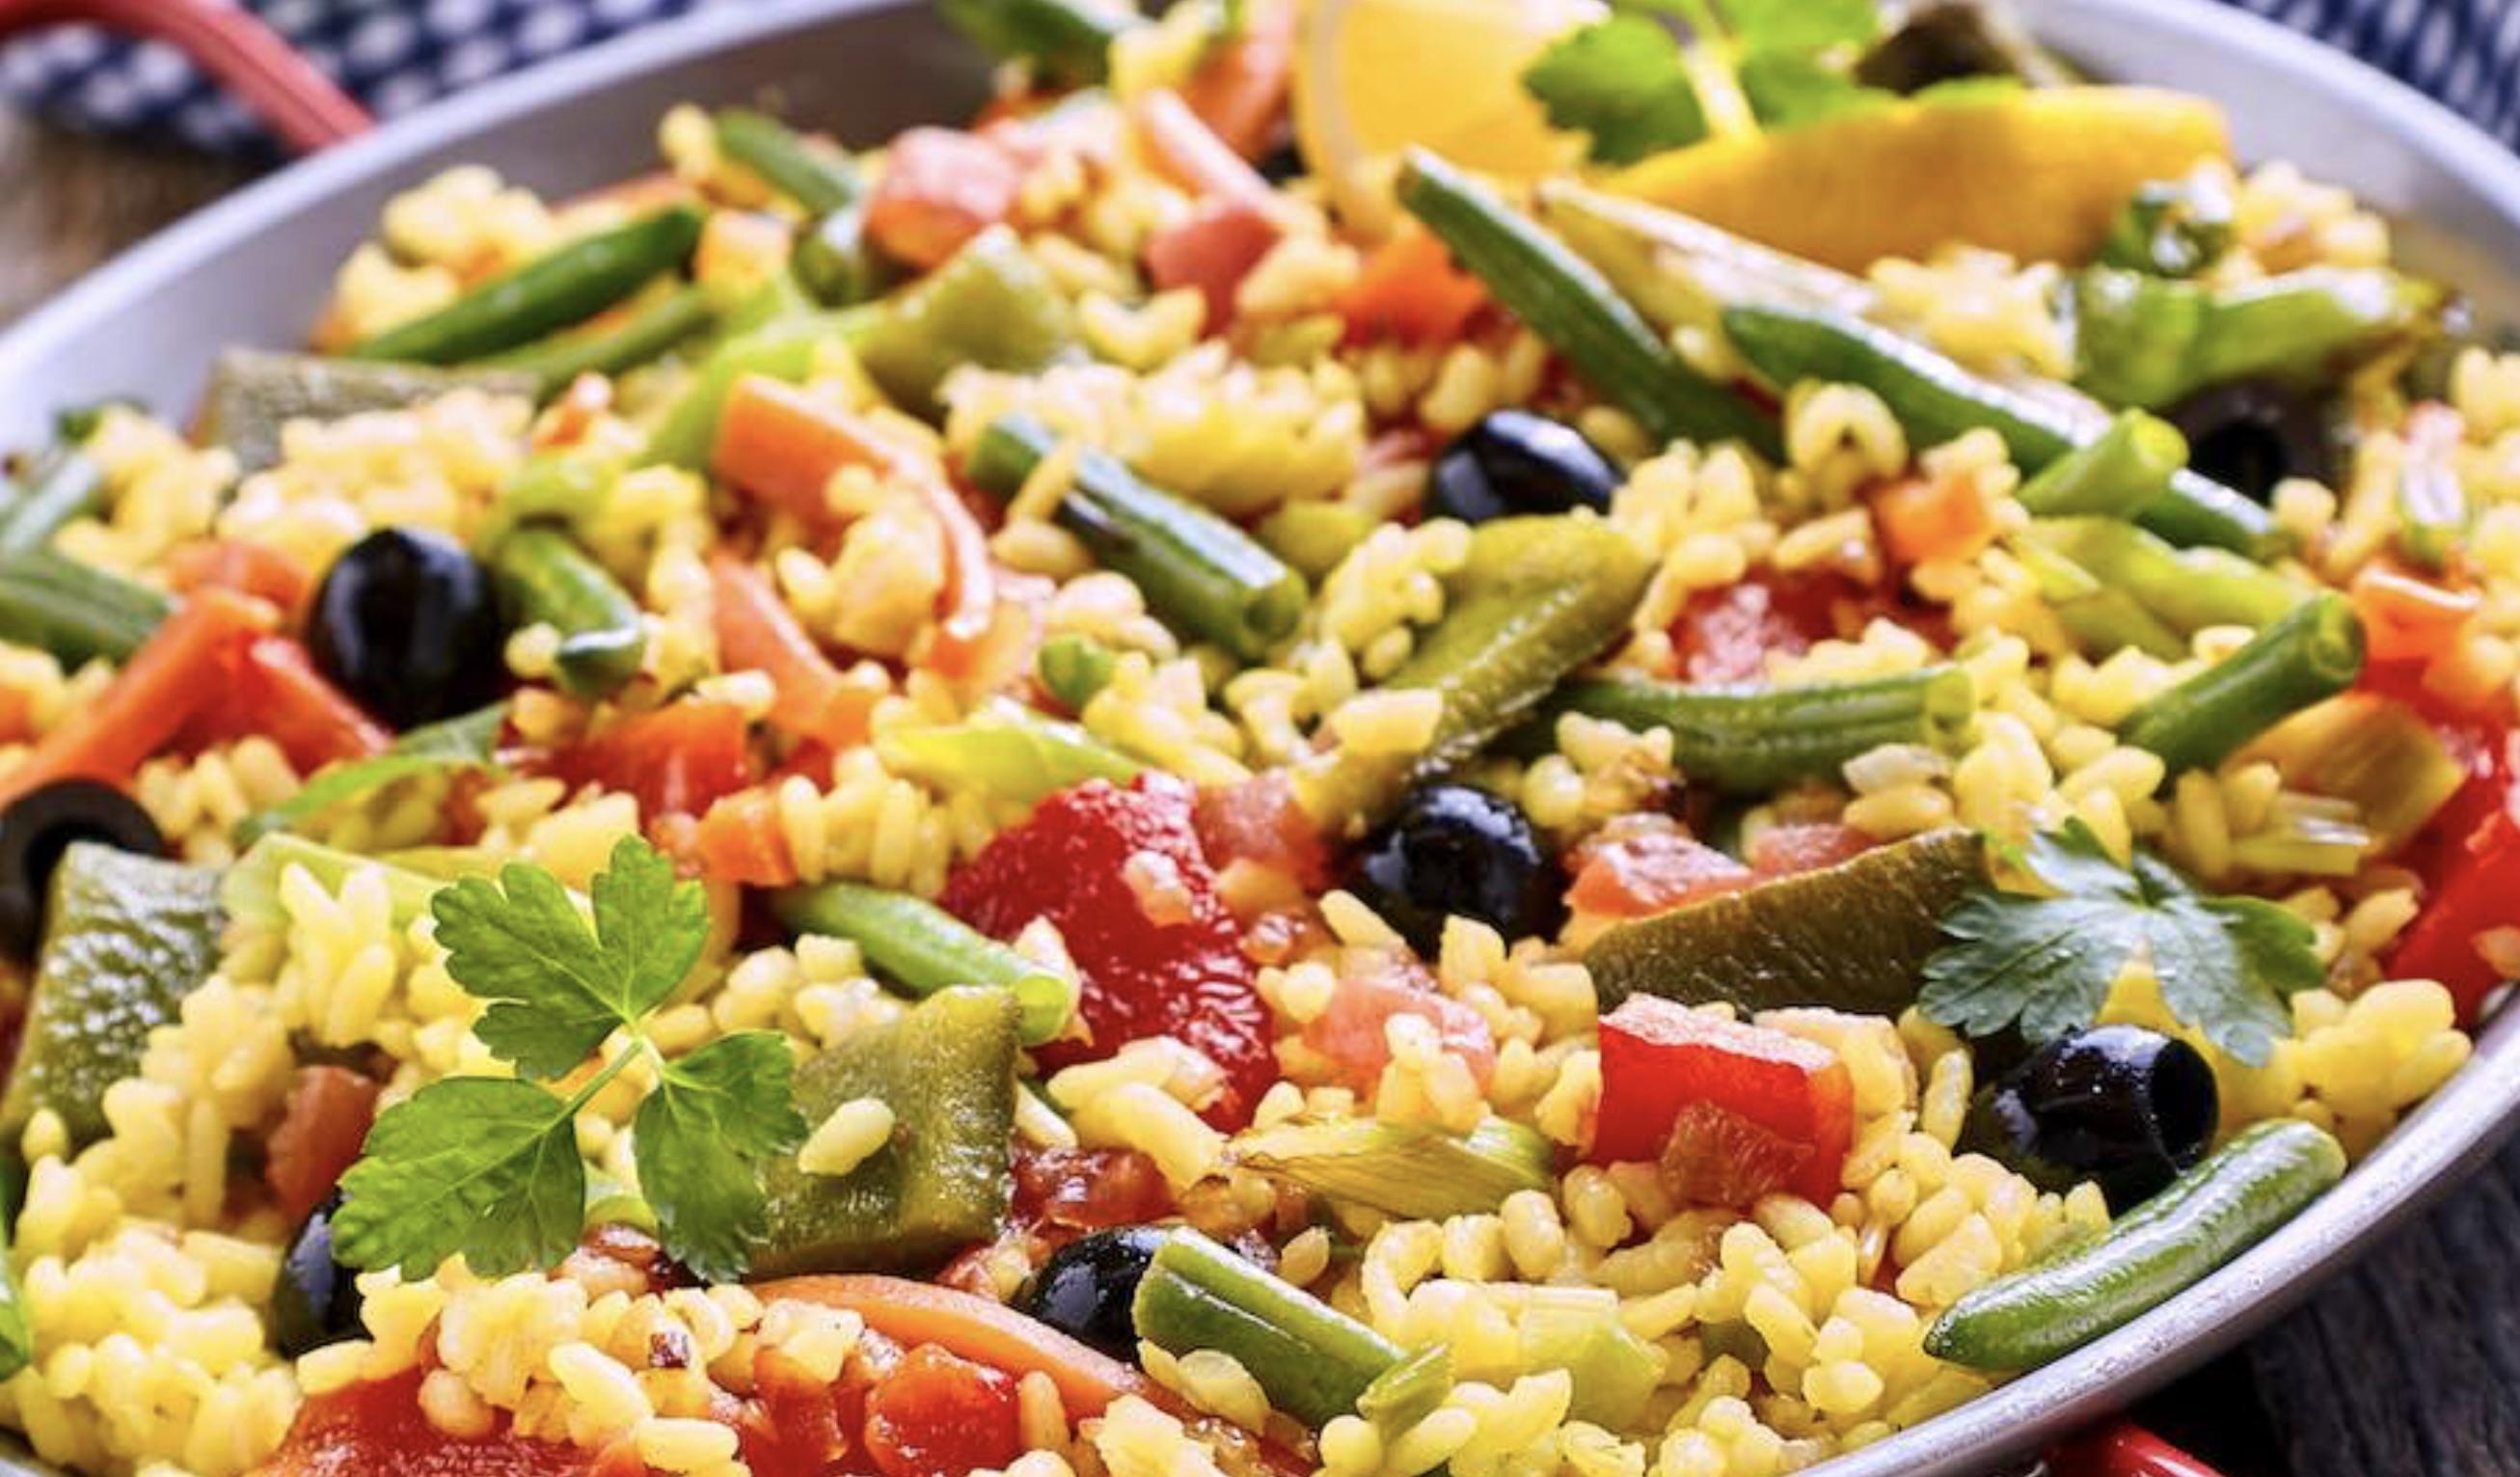 Spaanse paella vegan - paella - vegan recept - veganistisch paella